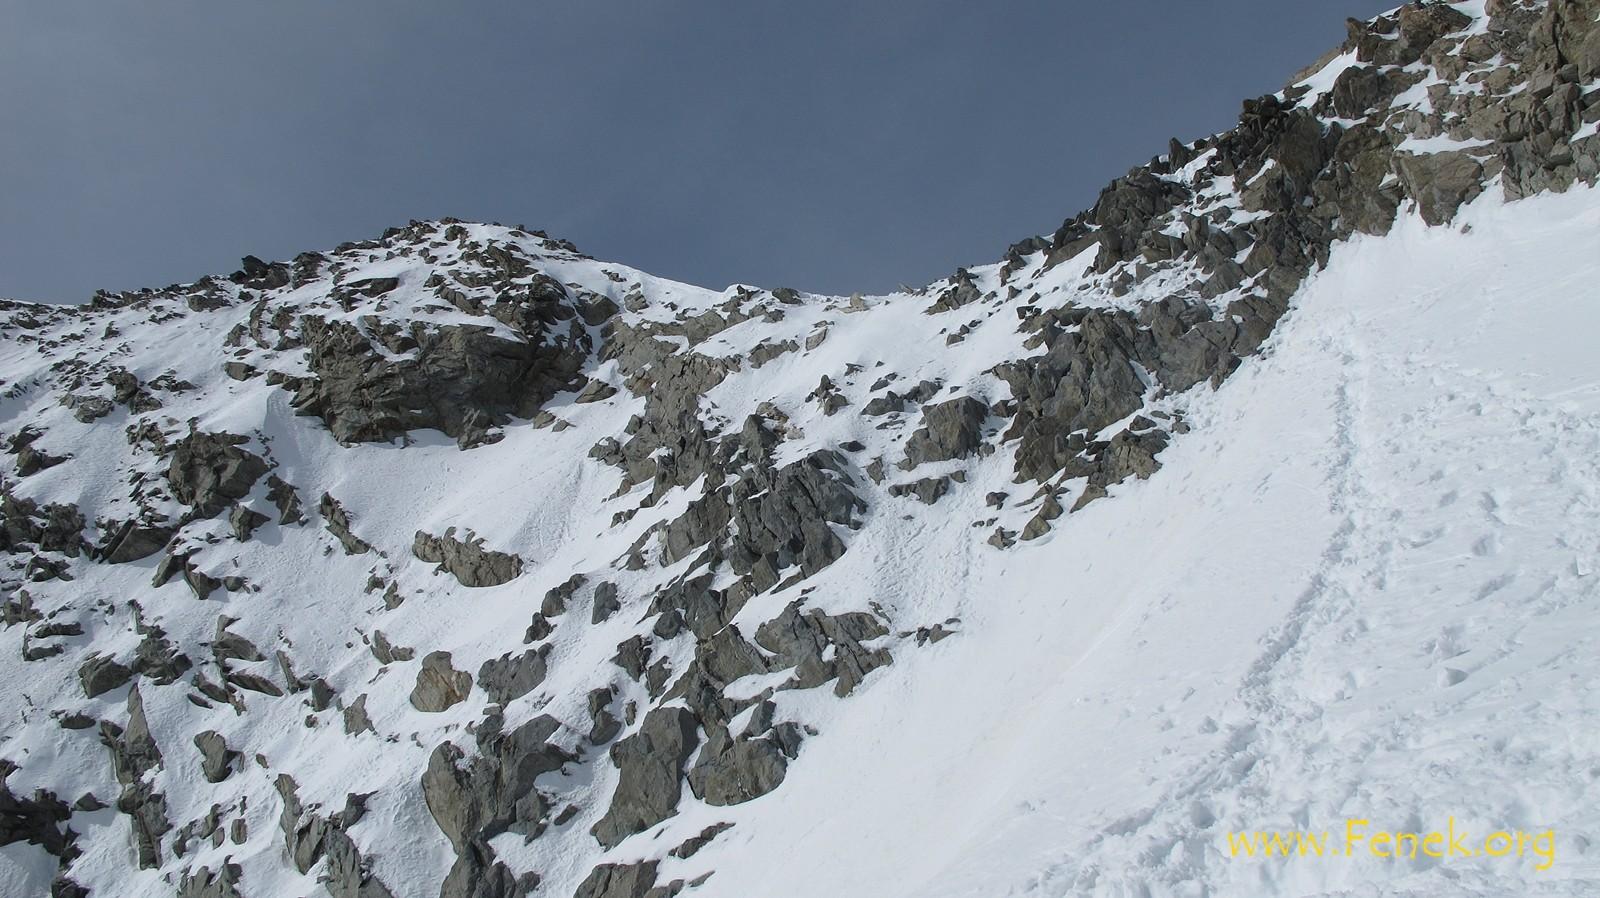 Fussaufstieg in die Felsen un dann links zum Gipfel....